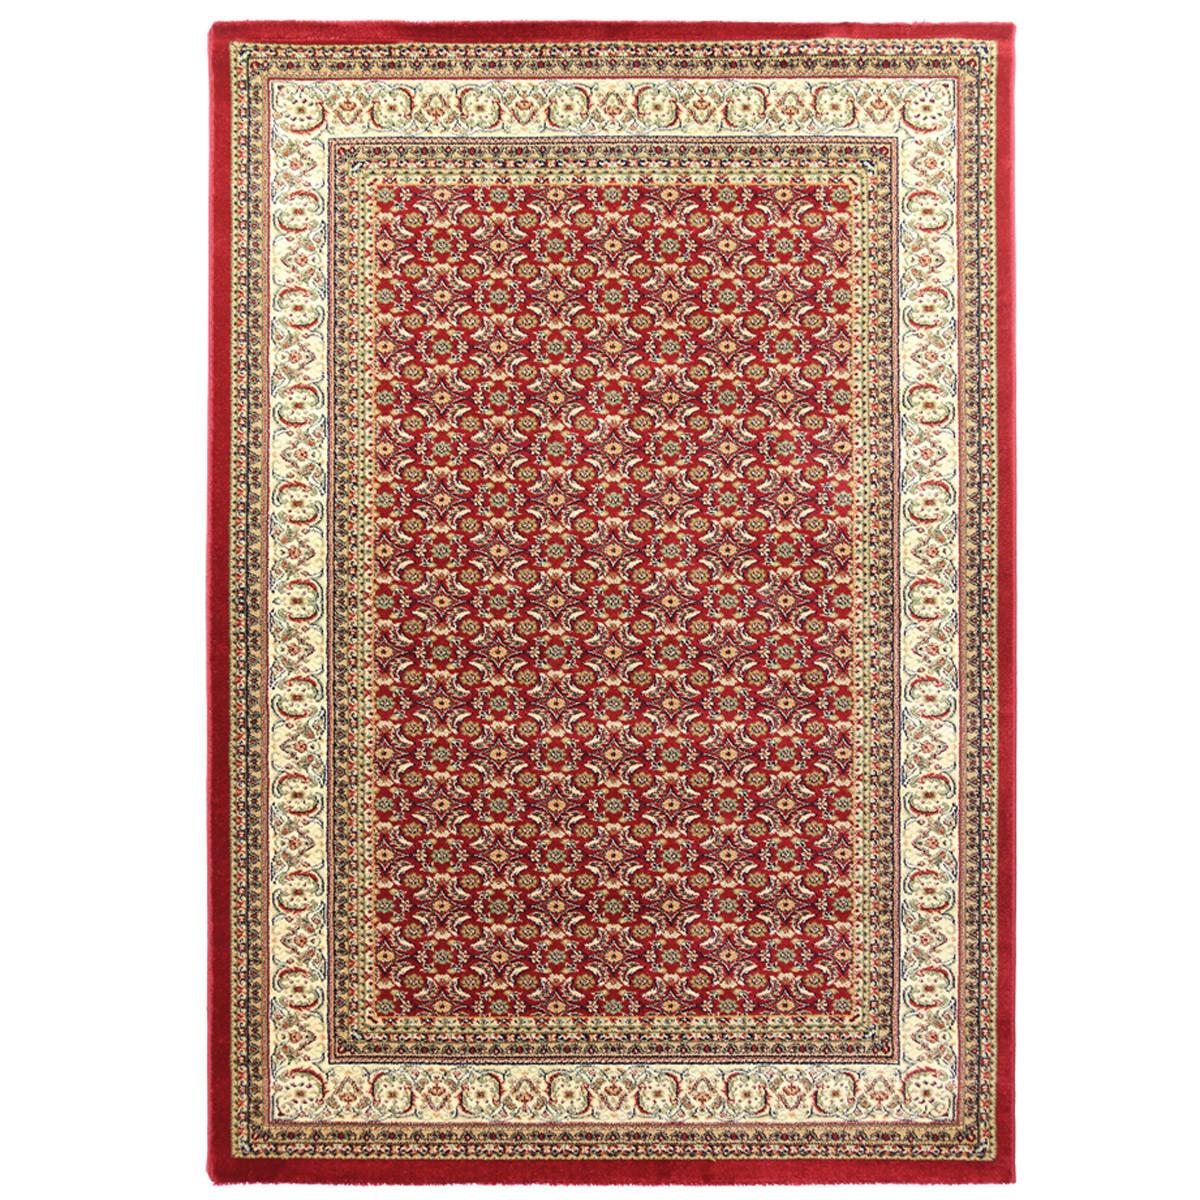 Χαλιά Κρεβατοκάμαρας (Σετ 3τμχ) Royal Carpets Olympia 5238B Red